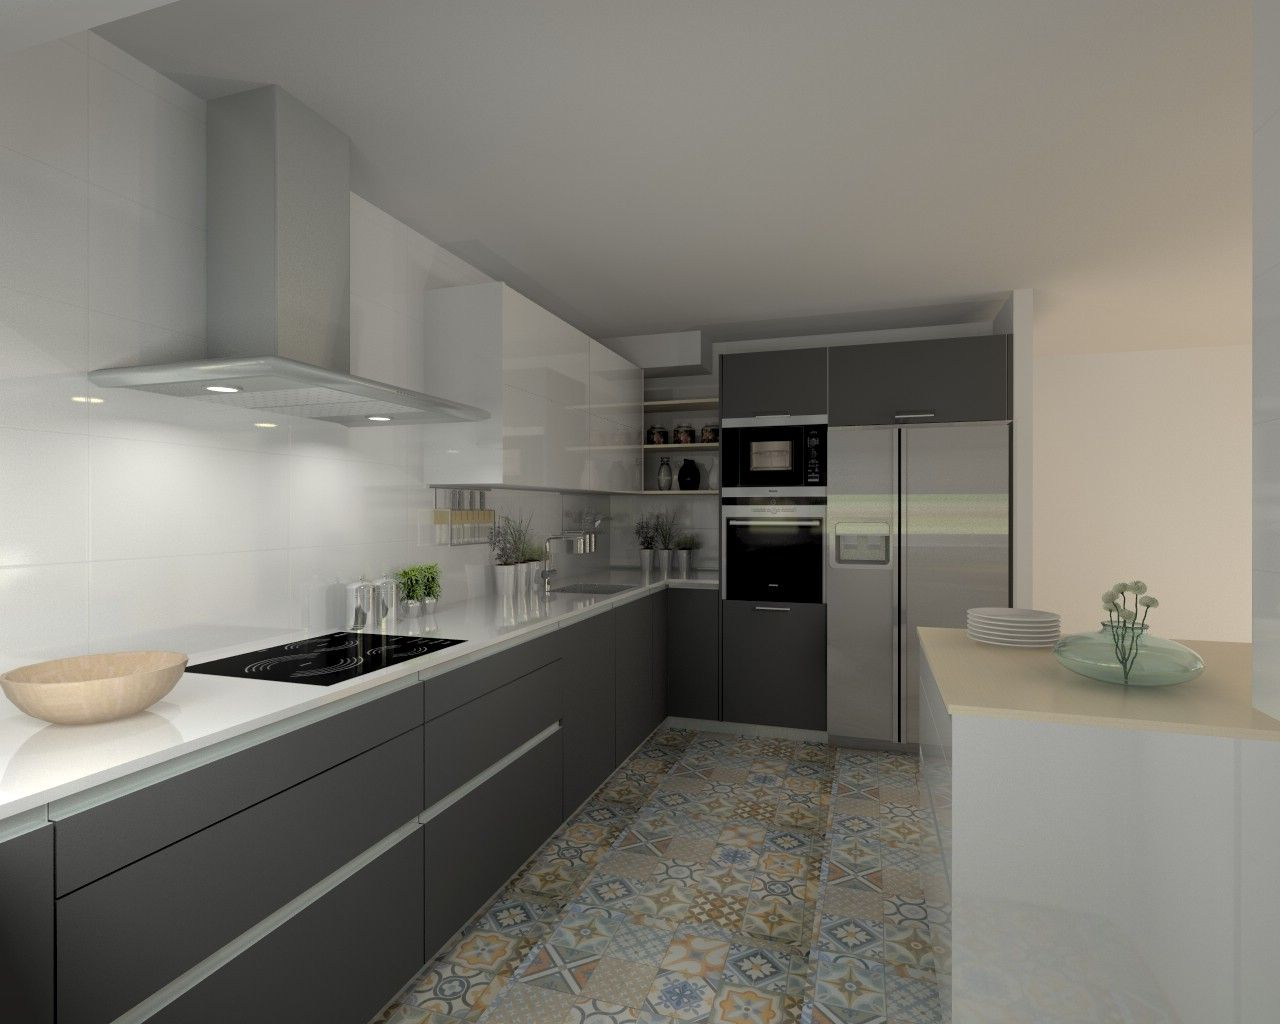 Modelo line e gris y line l blanco encimera silestone - Cocina blanca y gris ...